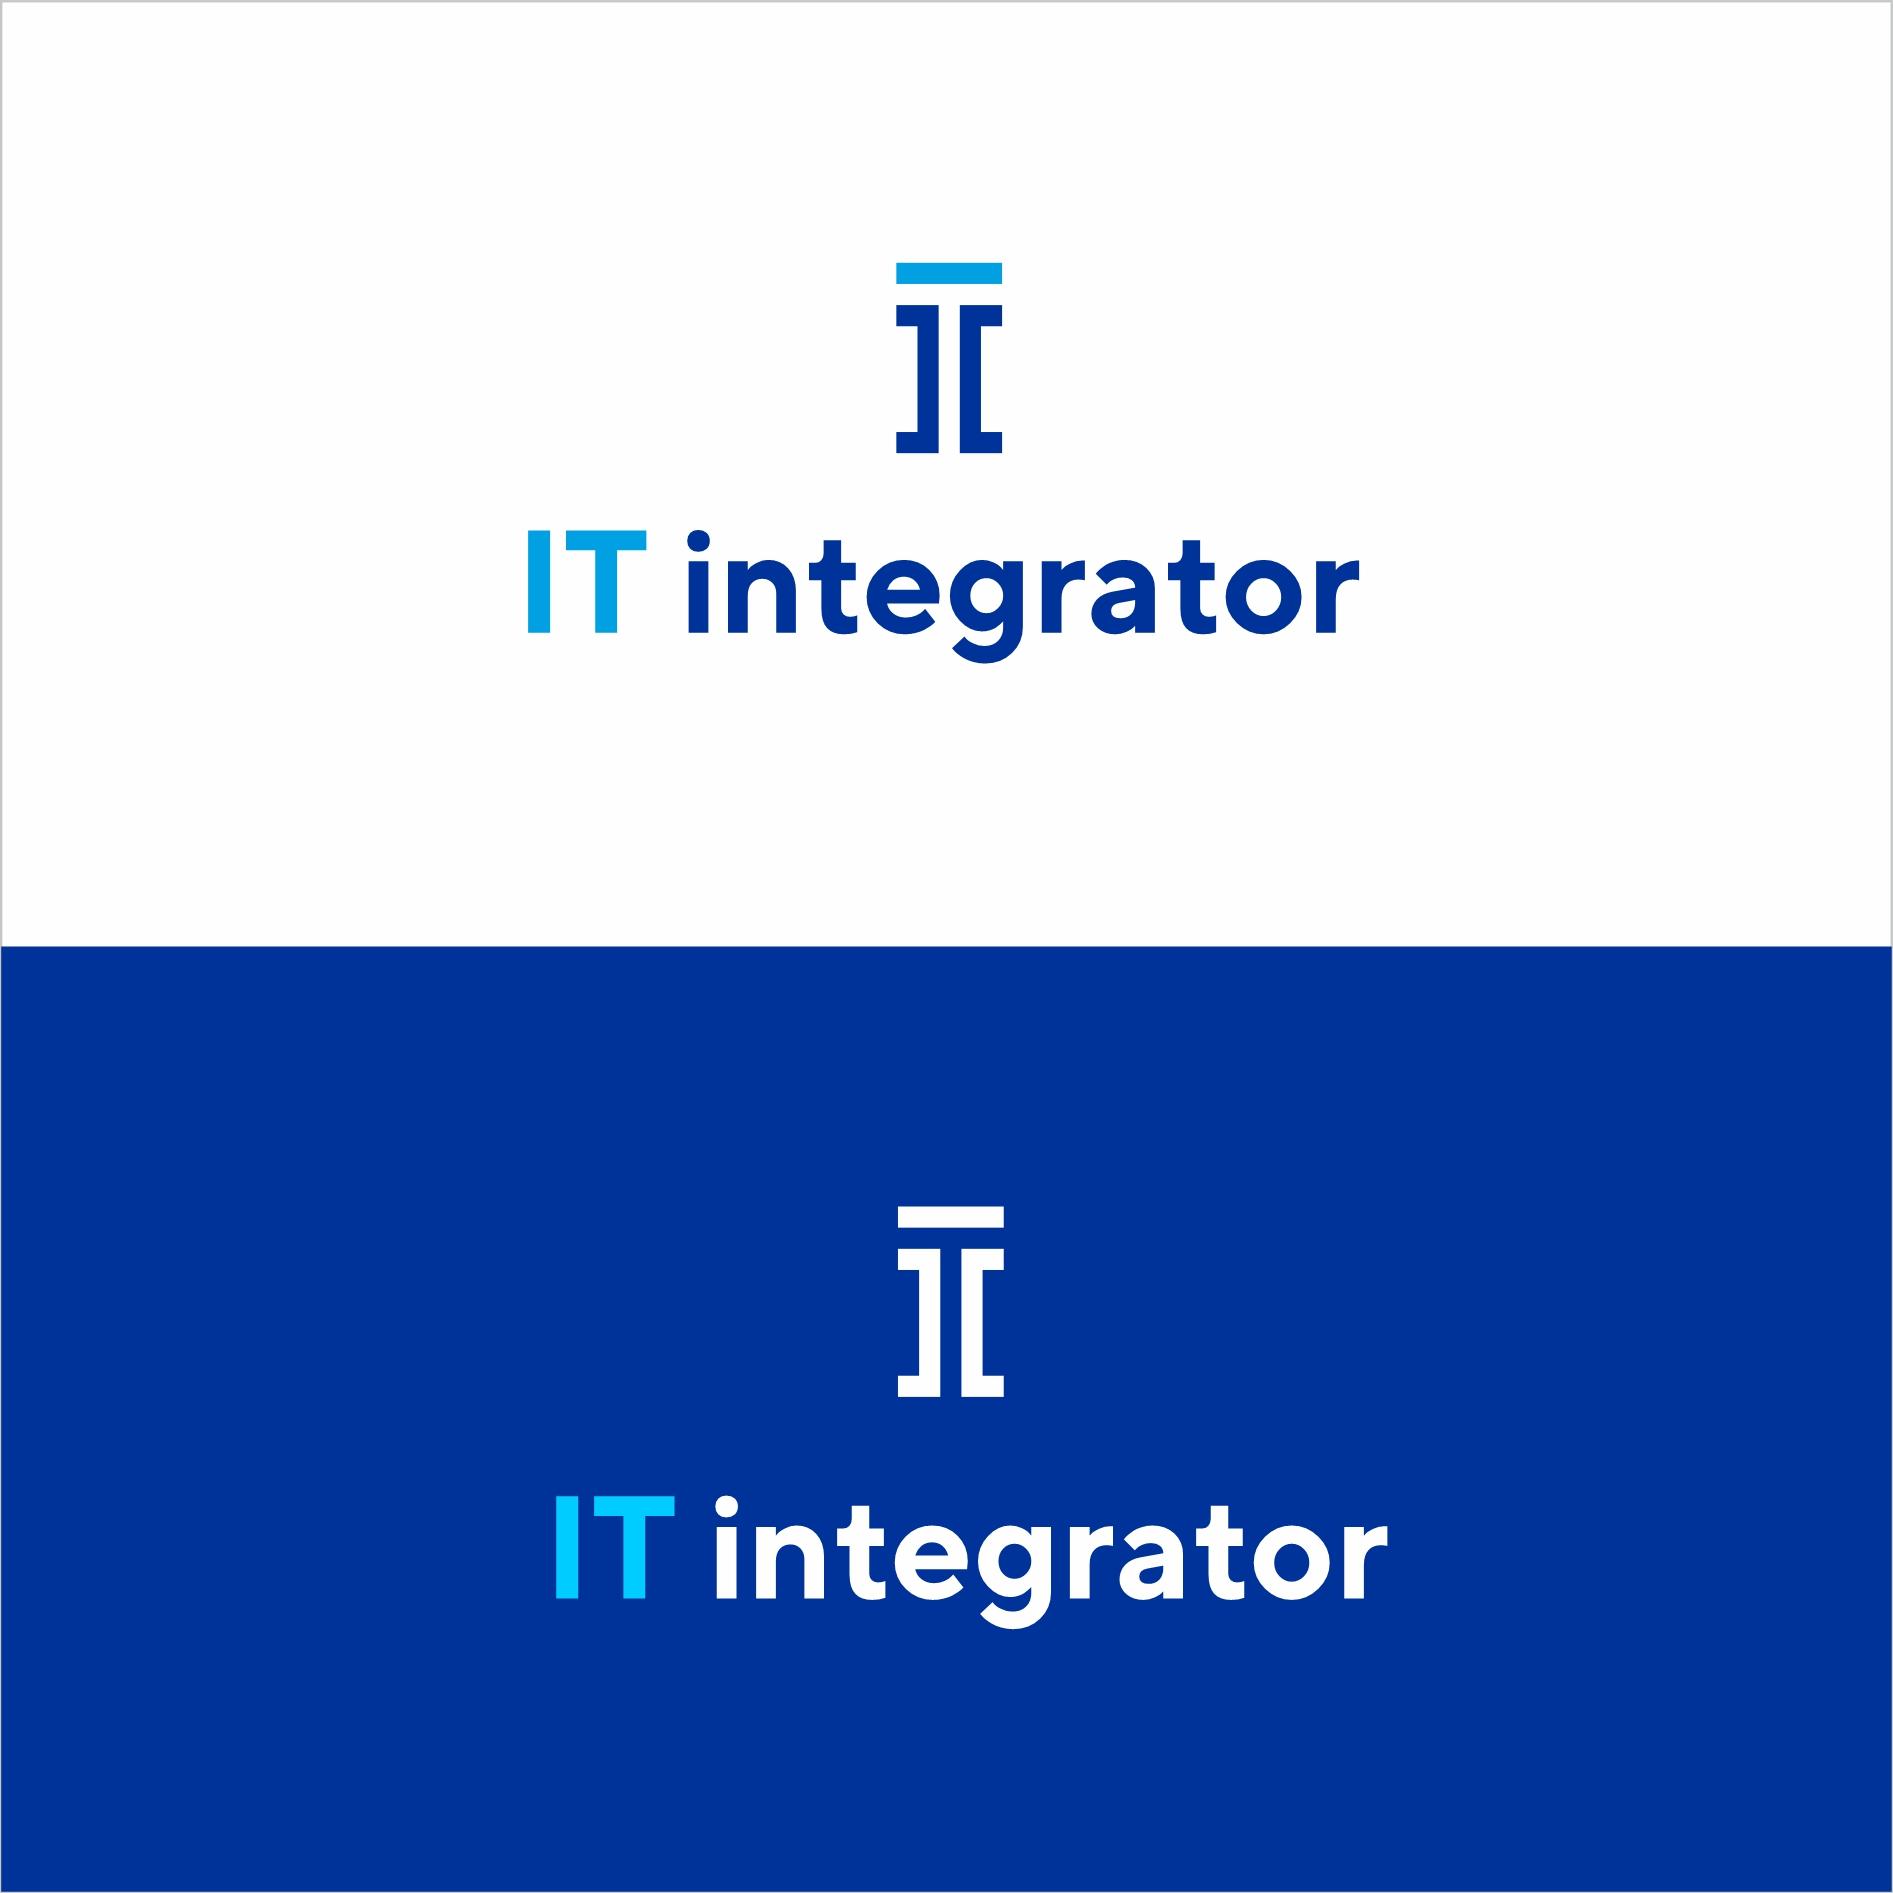 Логотип для IT интегратора фото f_9036149bf5dbd6a9.jpg